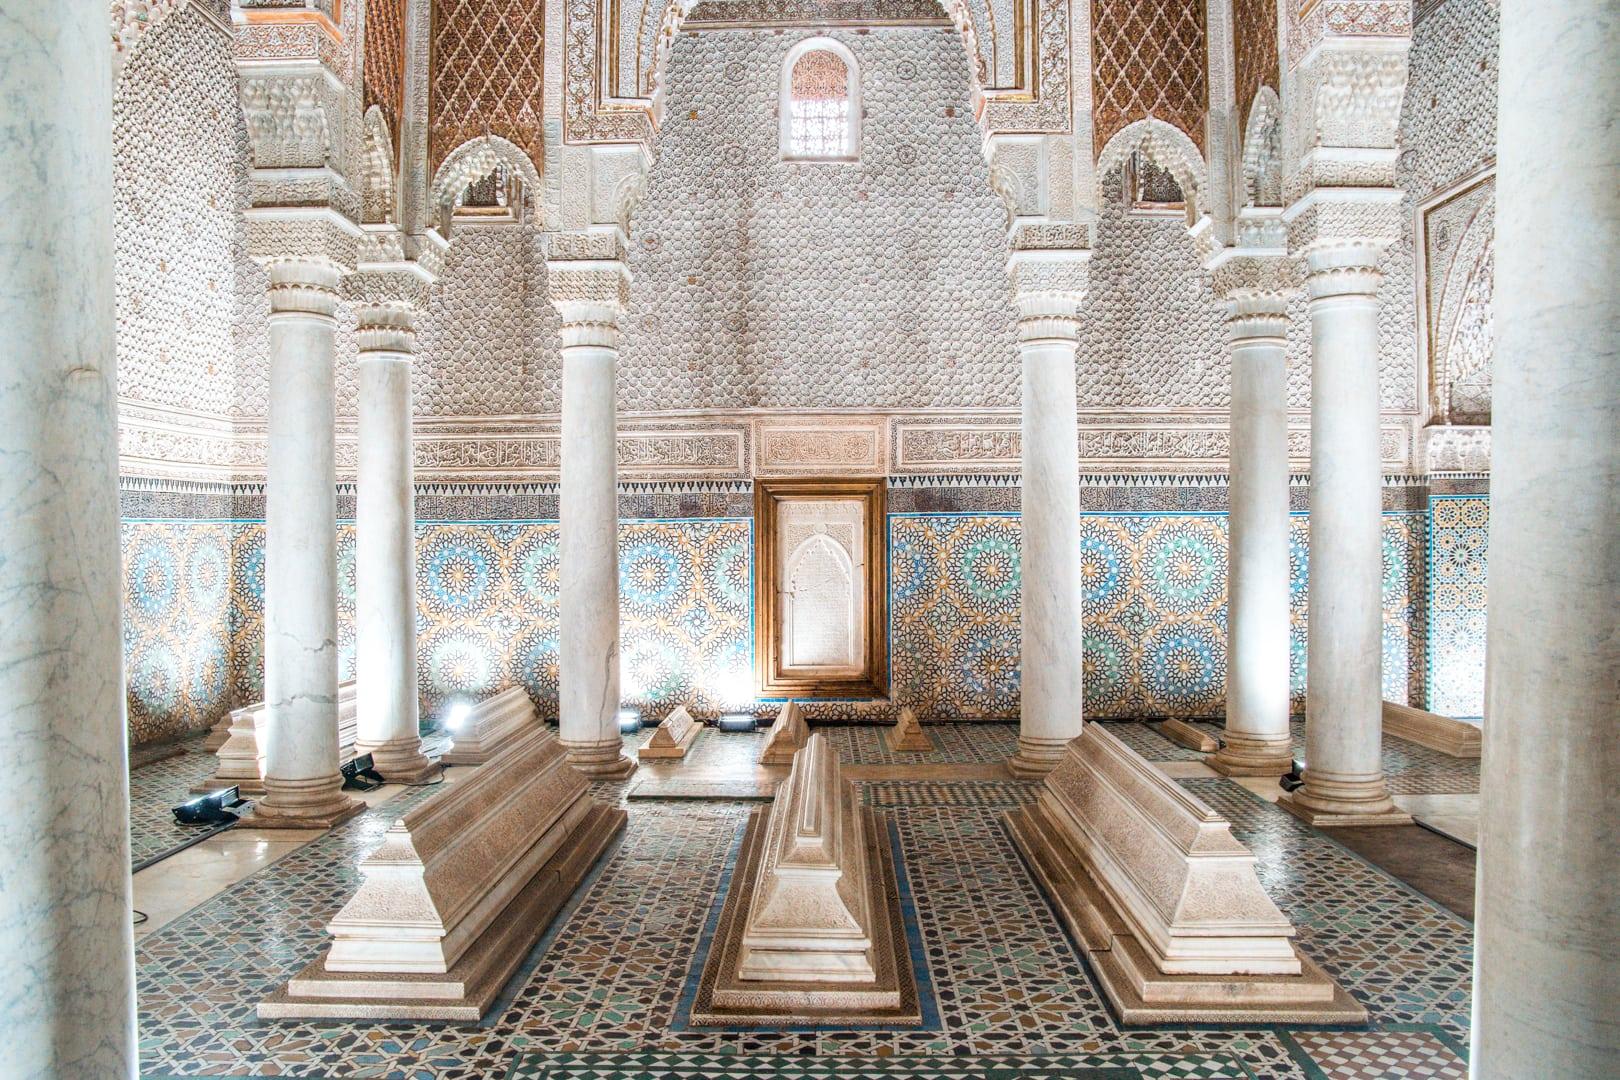 Marrakech Saadiens Tombs Palace7 - Mijn Marrakech tips: 10 bezienswaardigheden die je niet mag overslaan op je stedentrip